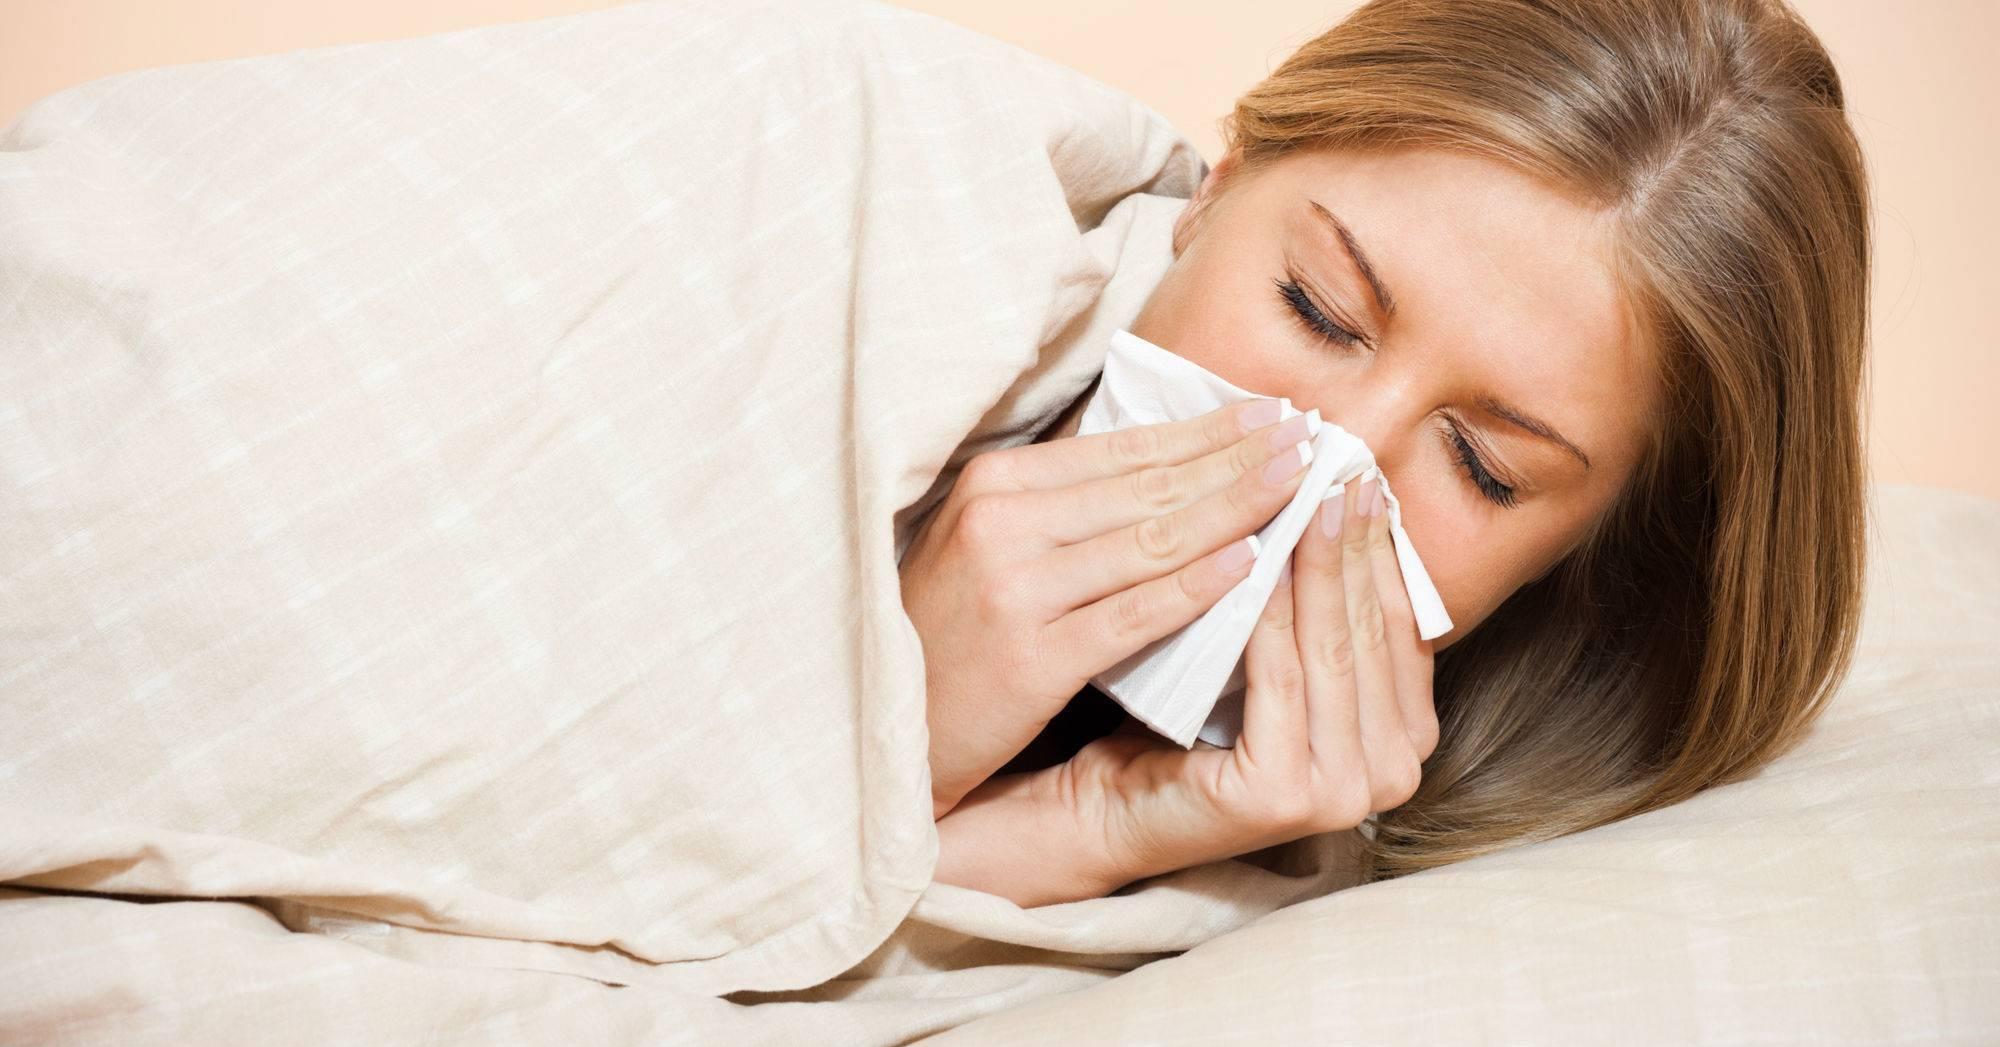 Причины и лечебная тактика при затяжном и хроническом насморке у взрослых